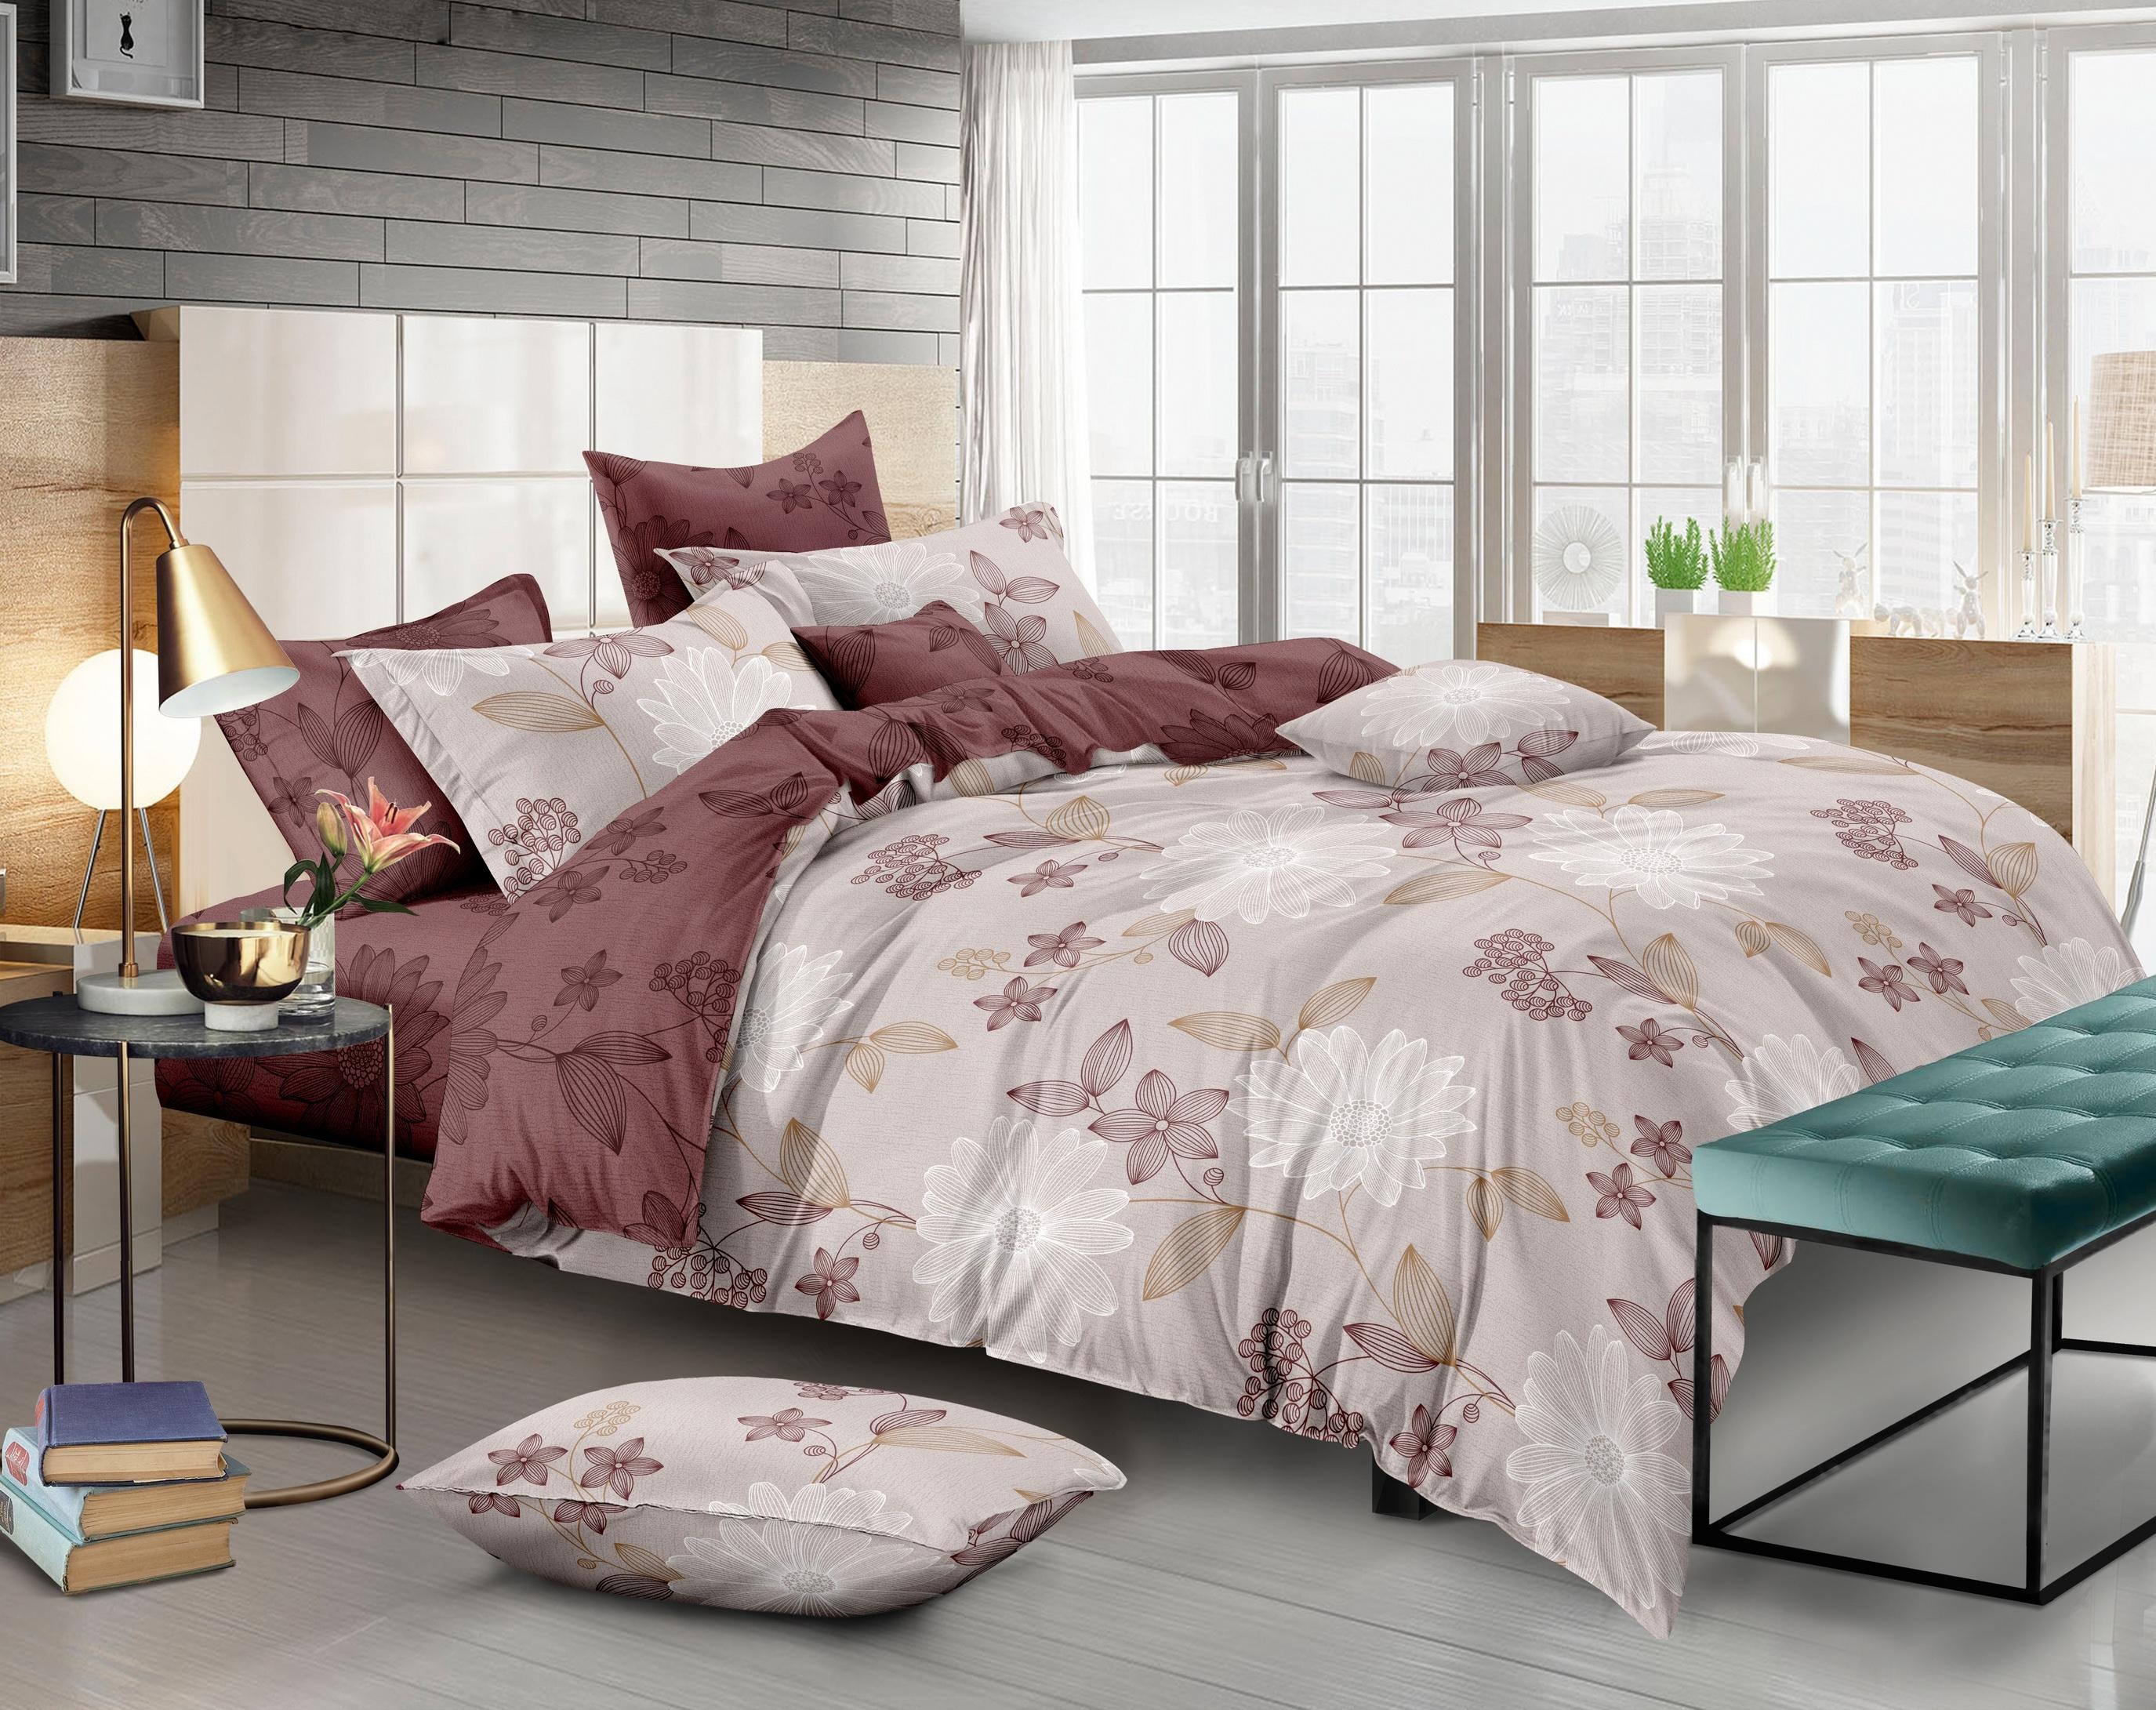 комплект постельного белья ранфорс др-27826